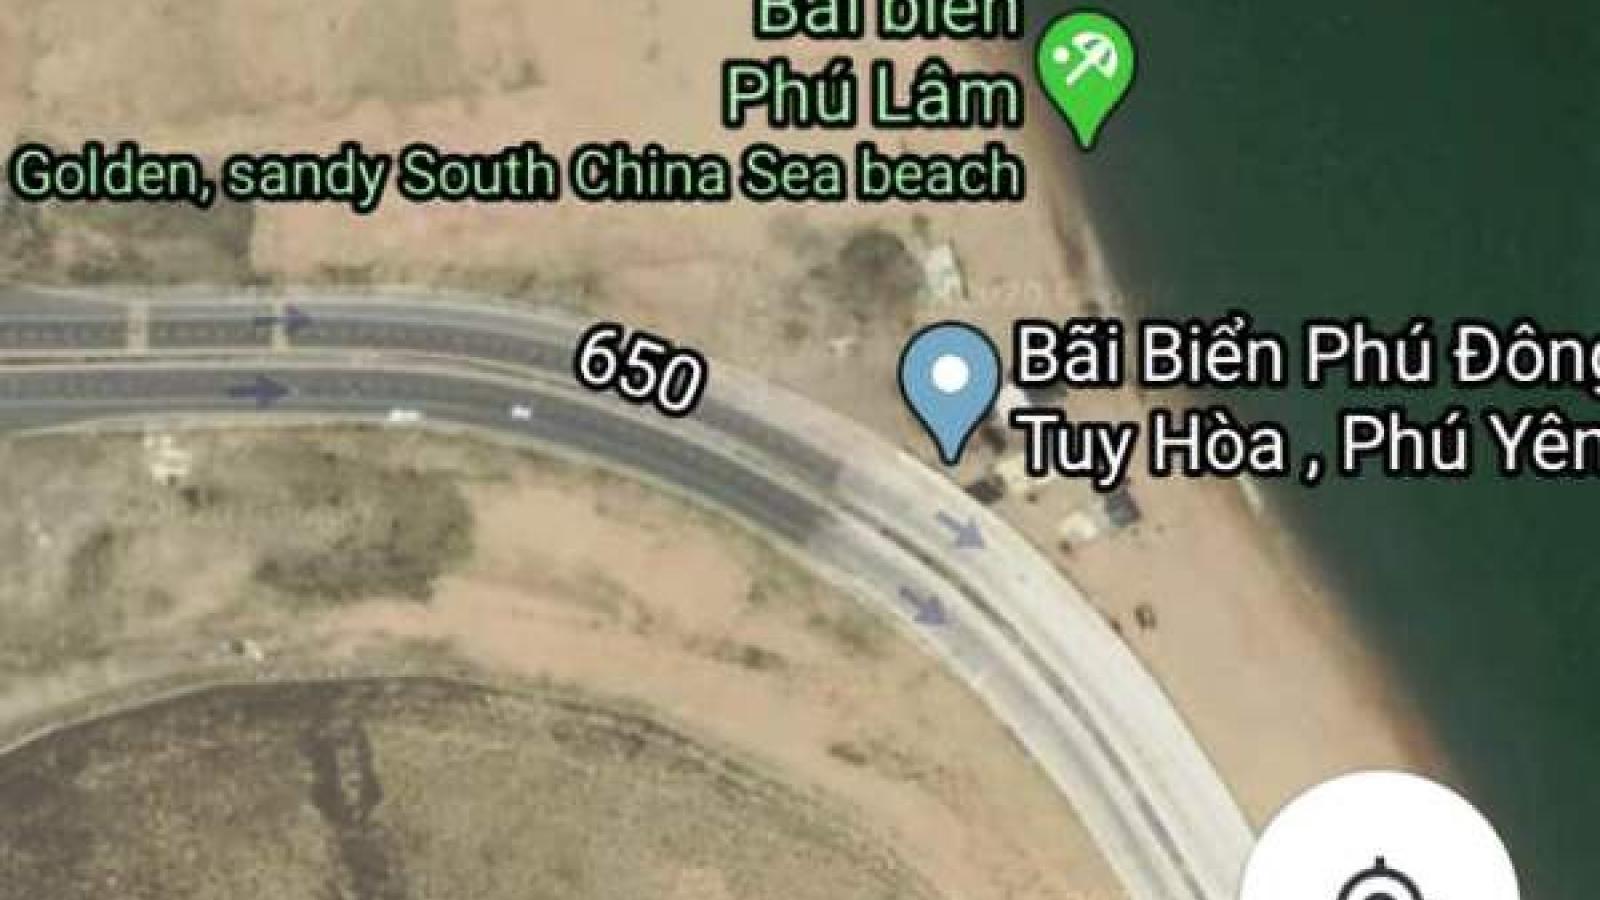 Phản bác Google Maps thông tin sai sự thật về bãi biển ở Phú Yên